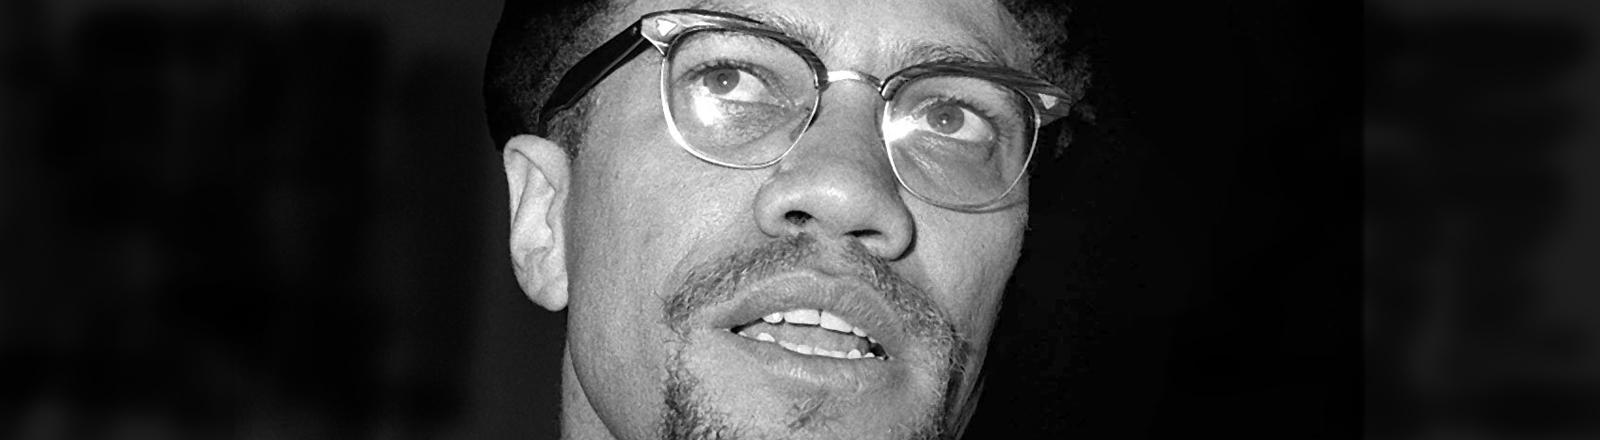 Malcom Little alias Malcom X war ein amerikanischer Bürgerrechtler der 1967 die Organization of Afro-American Unity gründete.